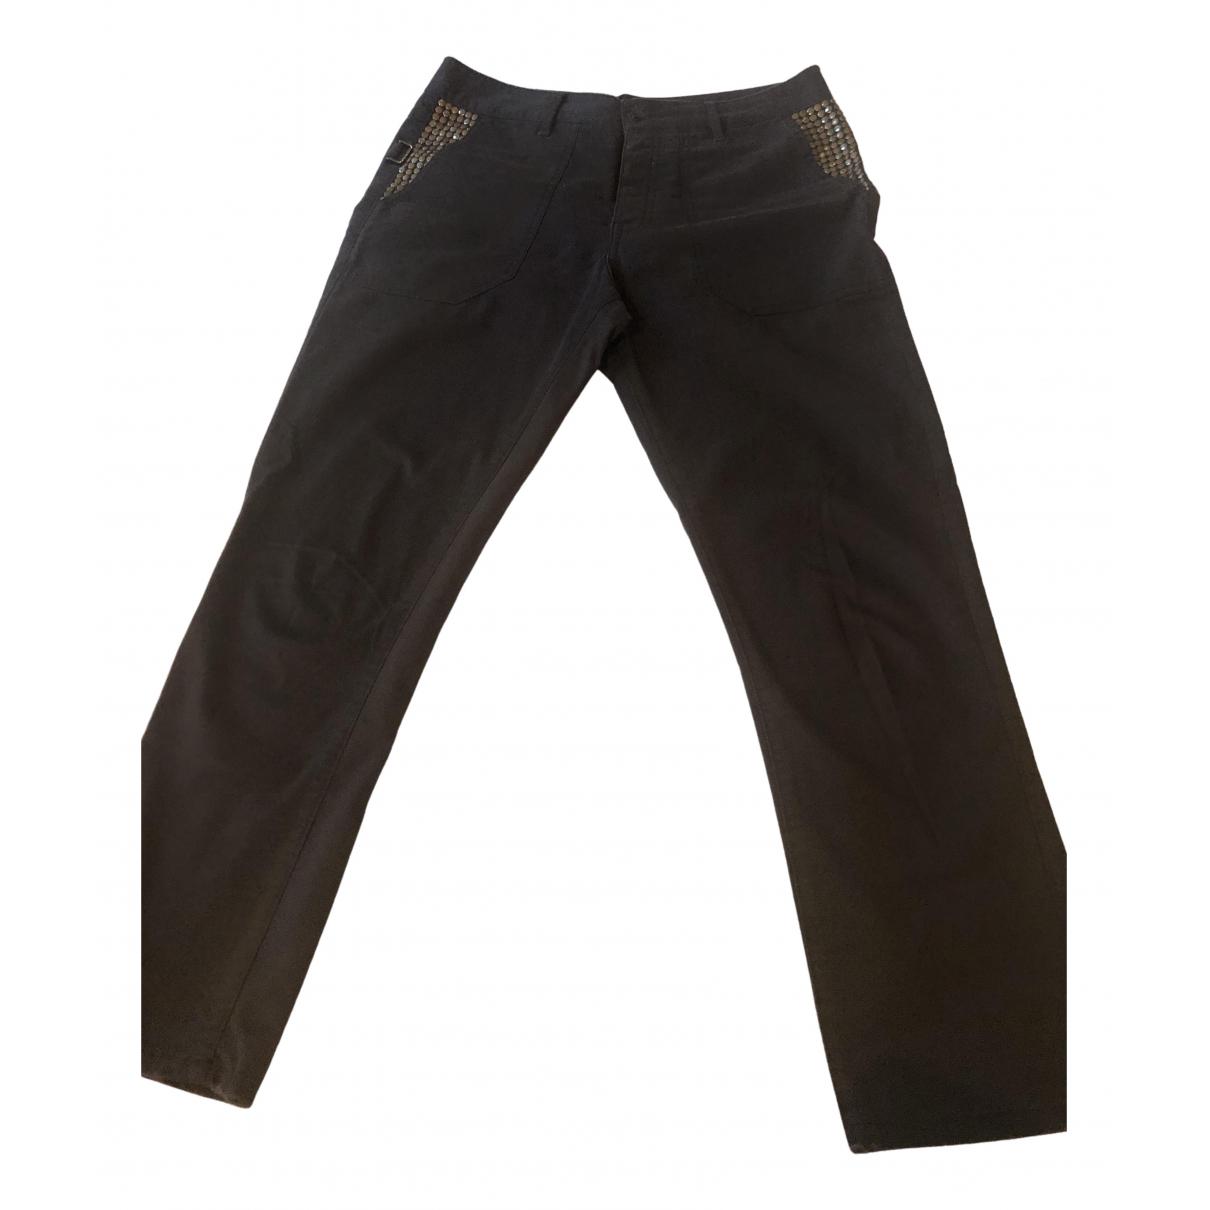 Pantalon en Algodon Antracita Zadig & Voltaire